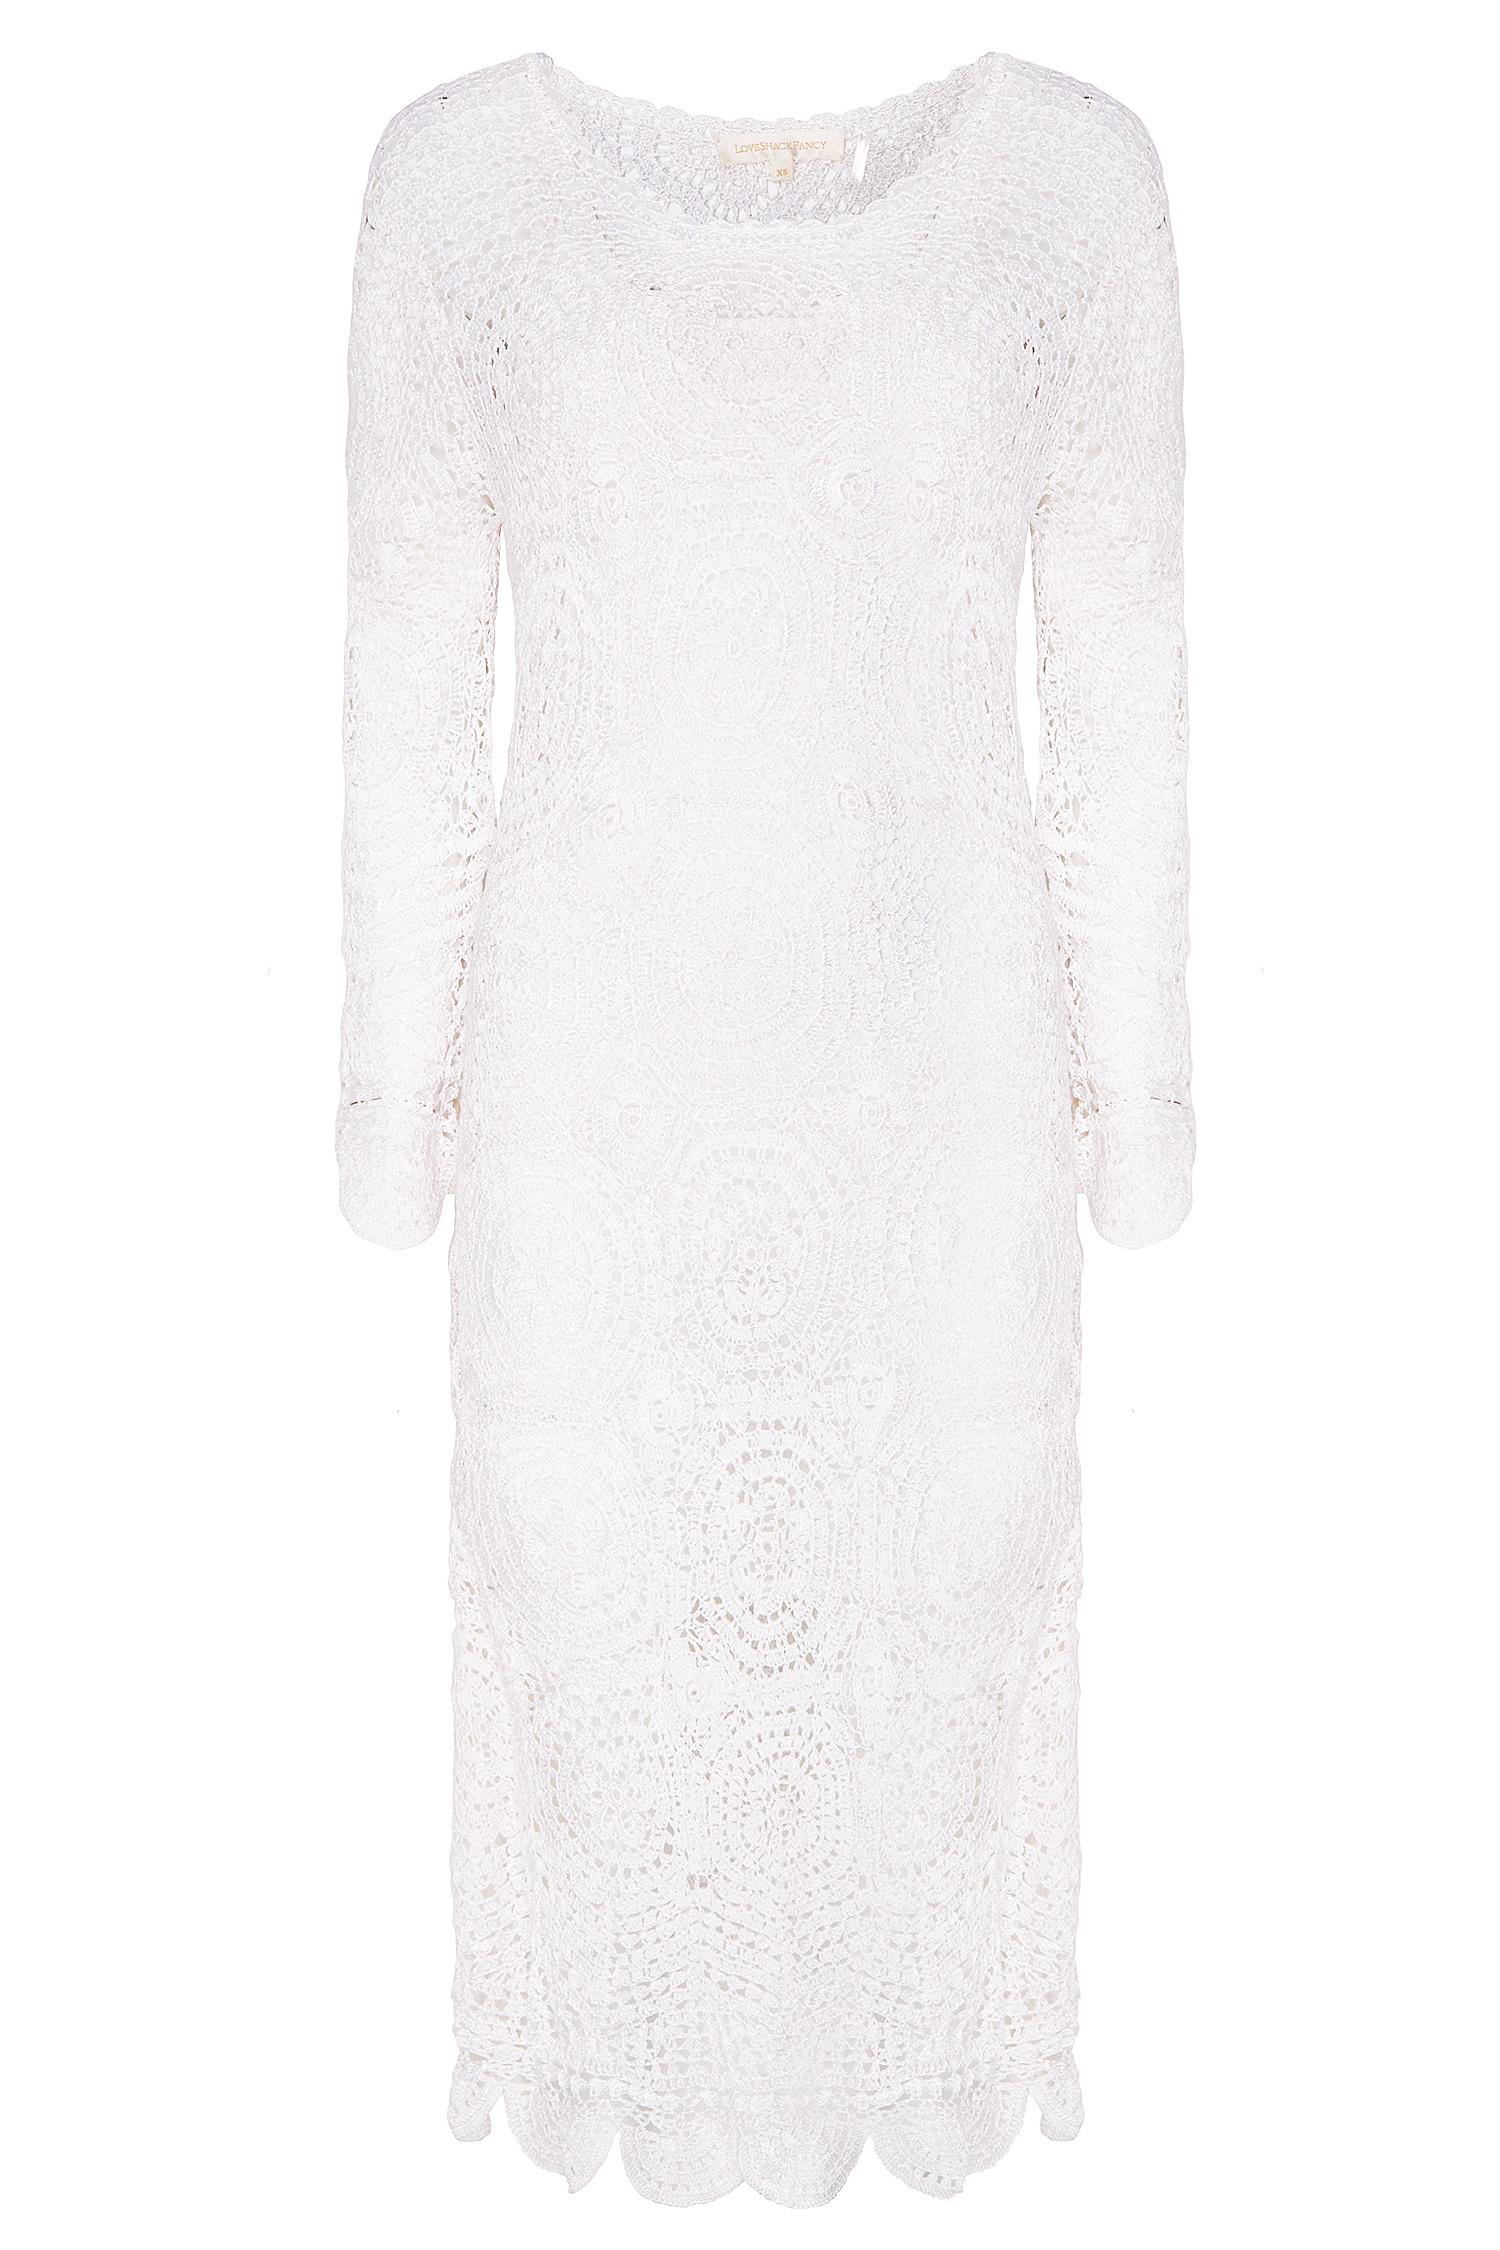 8e0b076b311 Белое вязаное платье Helen LoveShackFancy – купить в интернет ...